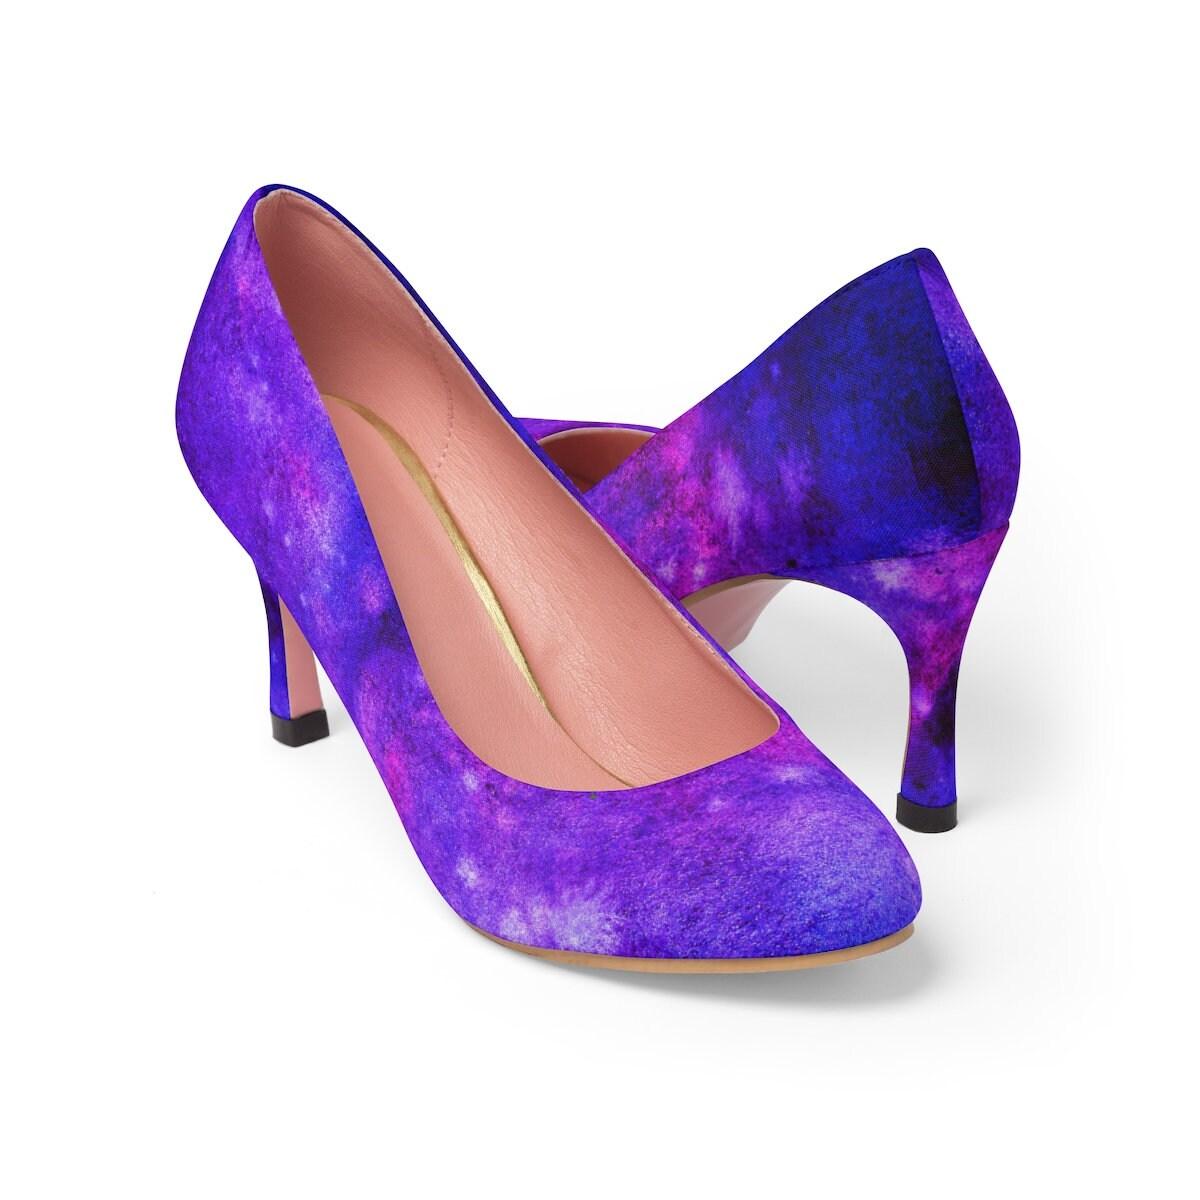 Talons hauts galaxie motif motif motif femmes, galaxie Unique et élégant imprimé chaussures à talons hauts, chaussures à talons hauts semelle rose 3d44e9